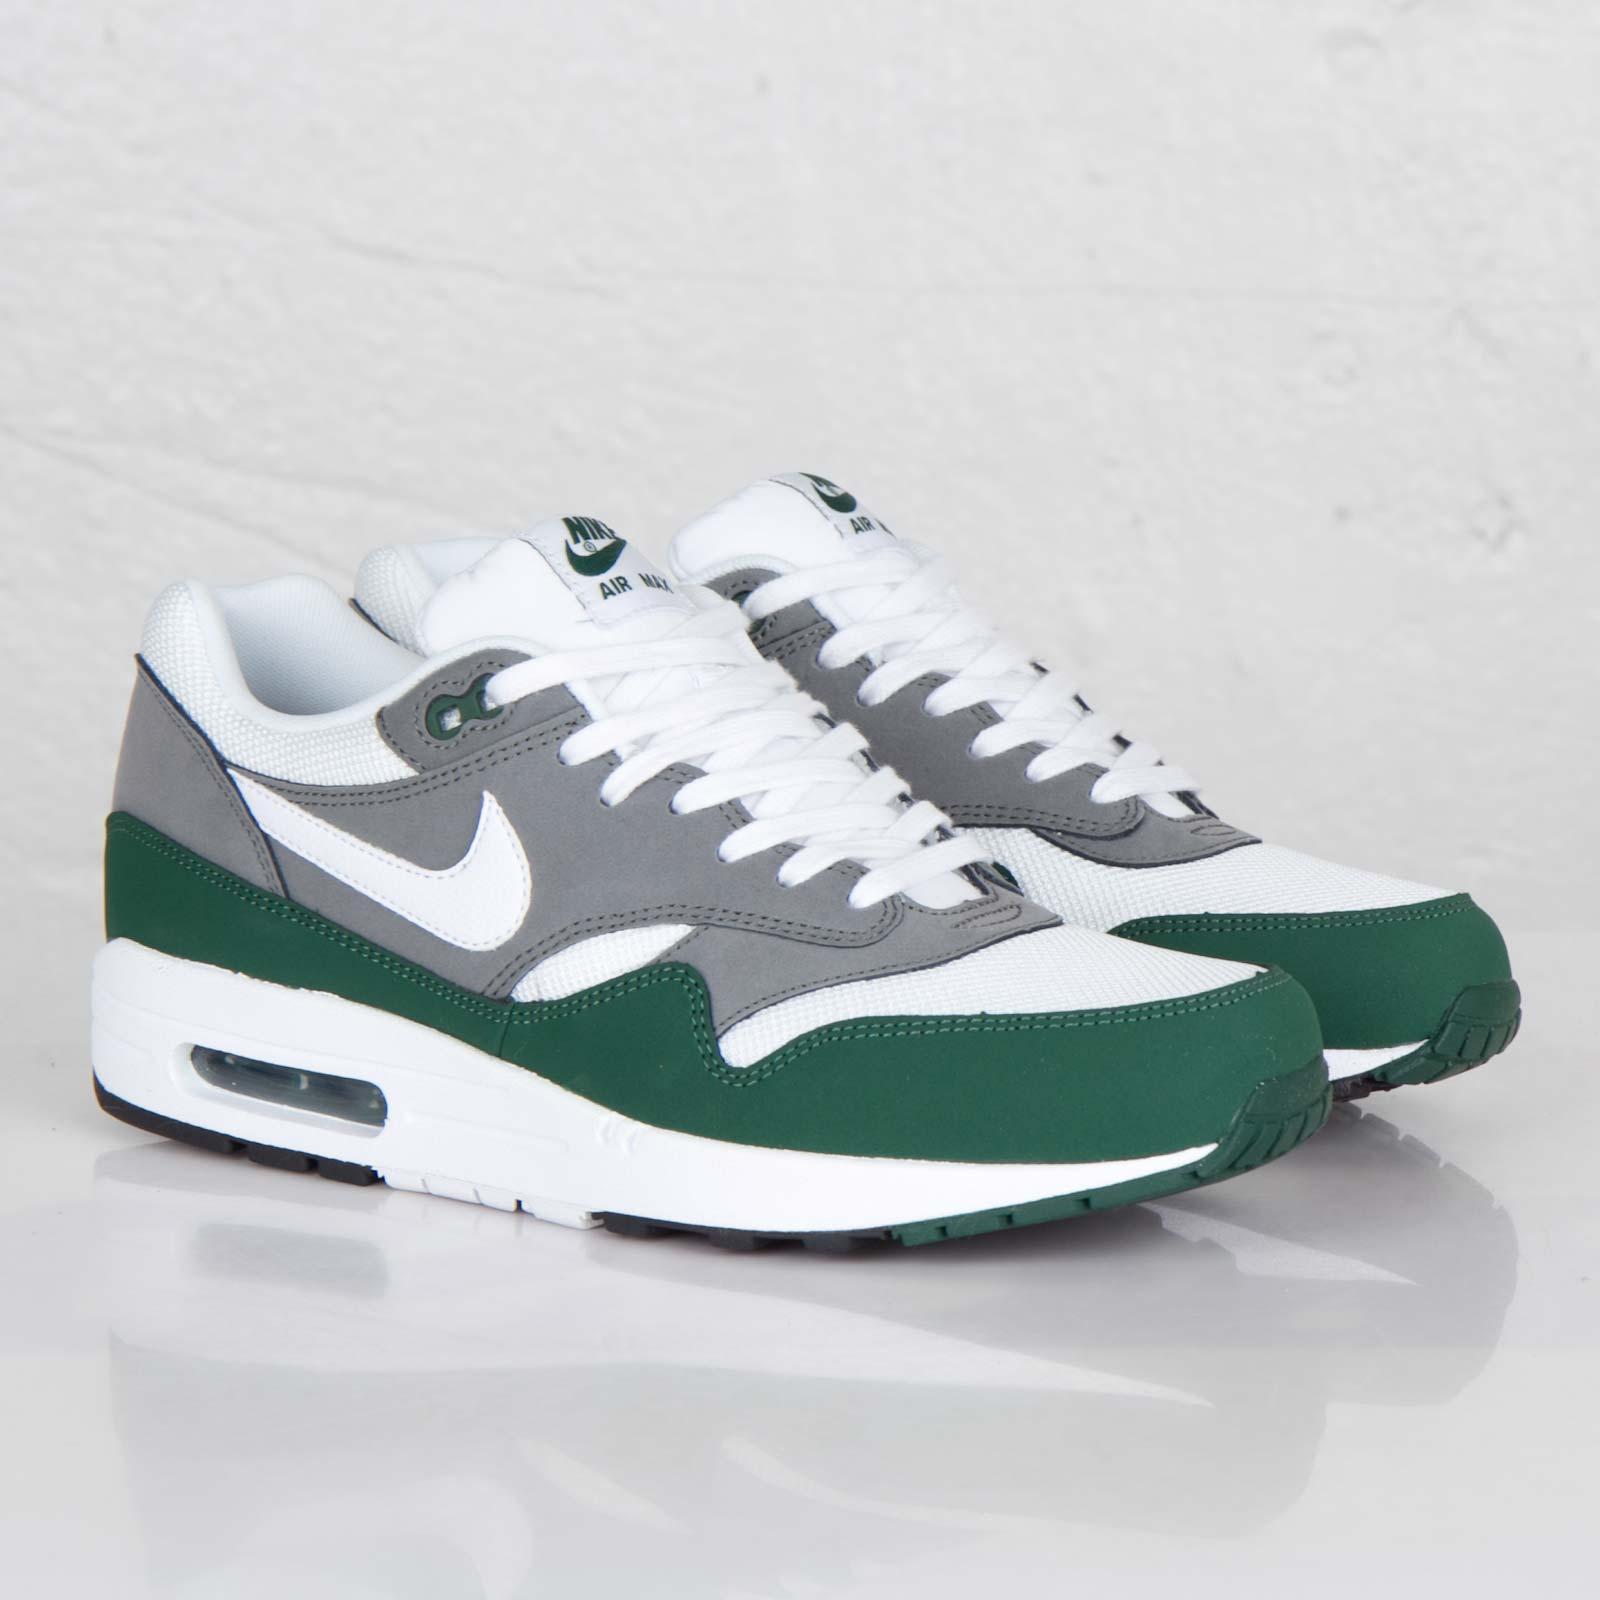 piano rescate Circulo  Nike Air Max 1 Essential - 537383-112 - Sneakersnstuff | sneakers &  streetwear online since 1999